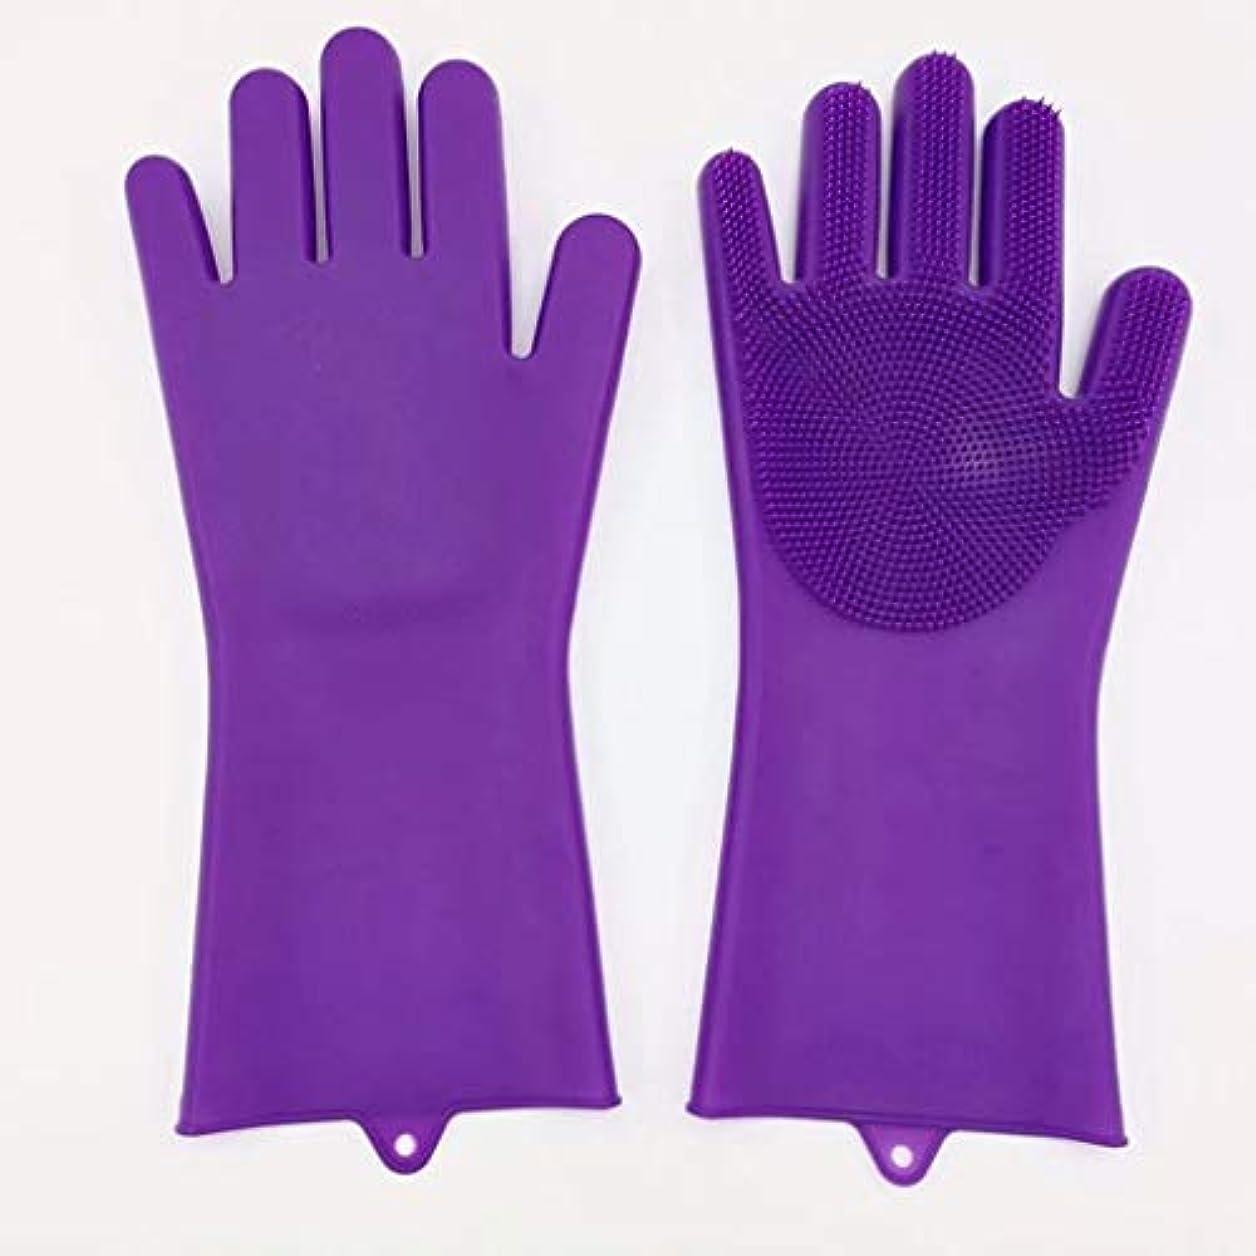 遵守する招待抜け目のないYYFRB 食器洗い用シリコーン手袋、台所掃除用マジックグローブ、滑り止め防水高温手袋3色オプション 手袋 (Color : Purple)